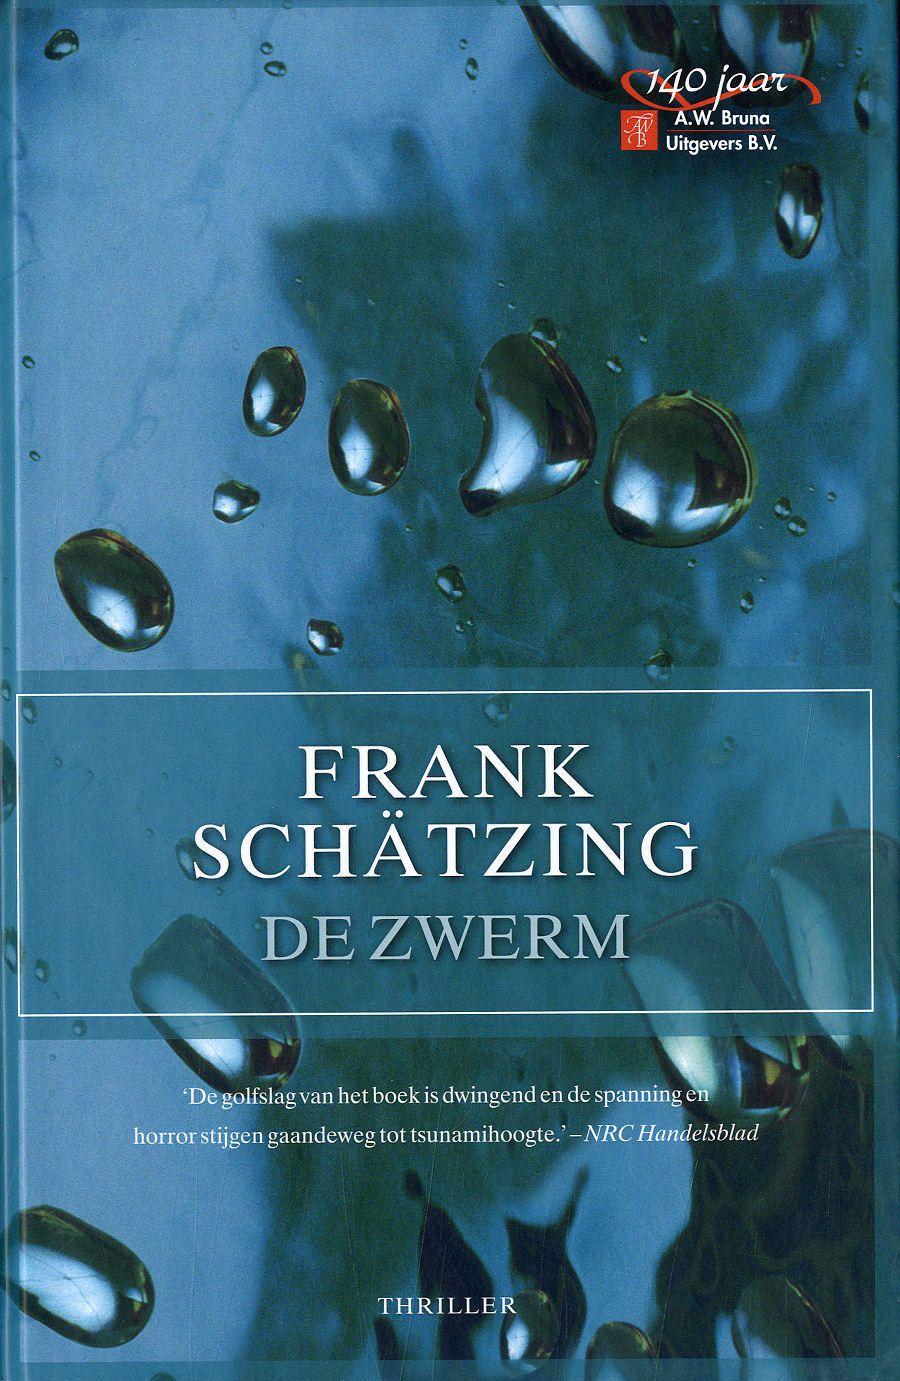 De Zwerm, Frank Schätzing.  De gevolgen van de menselijke overheersing op de natuur. Spannend.